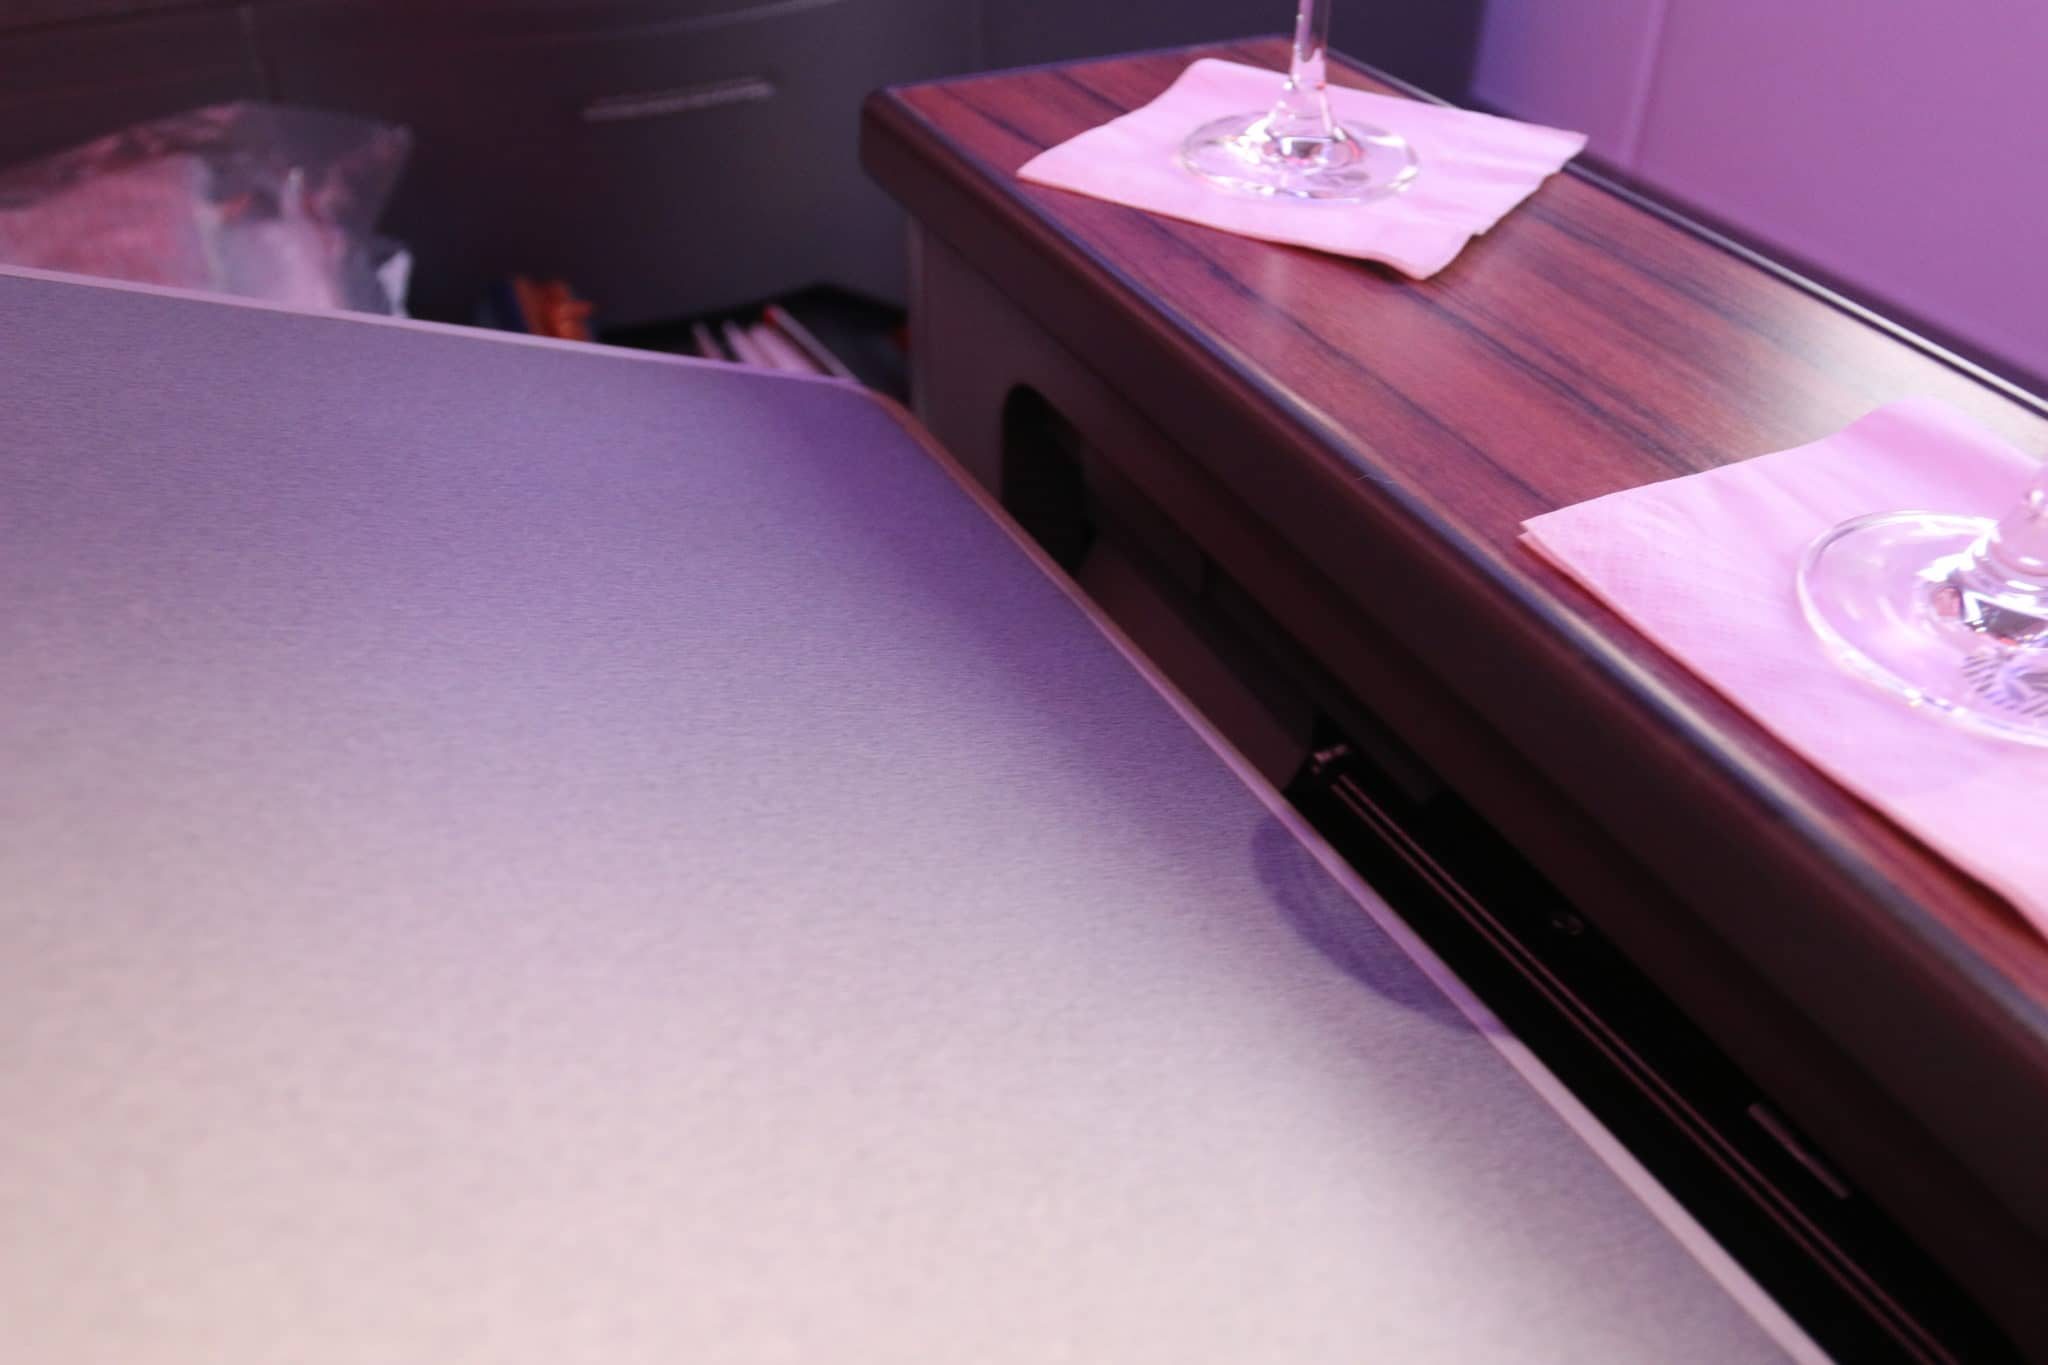 Tisch an Bord der LATAM Business Class A350-900 XWB